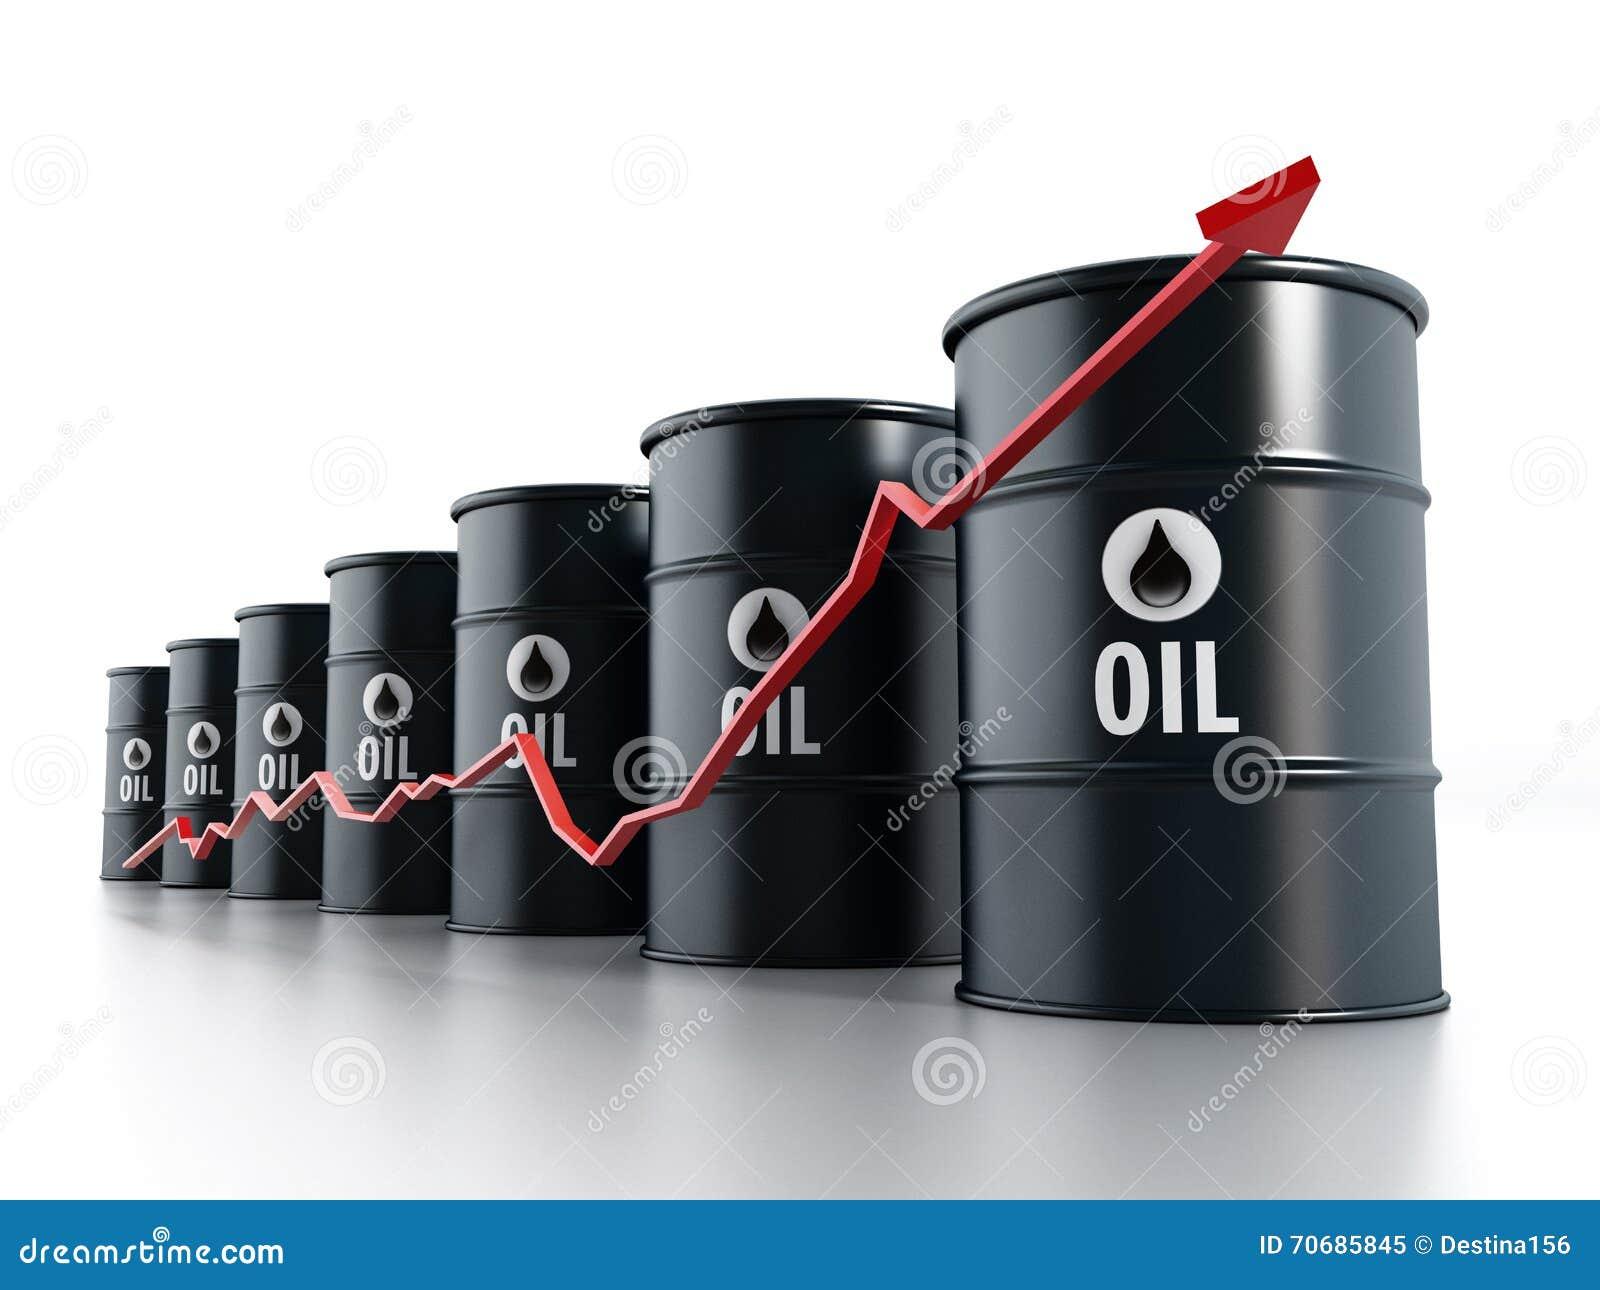 Αυξανόμενες τιμές του πετρελαίου